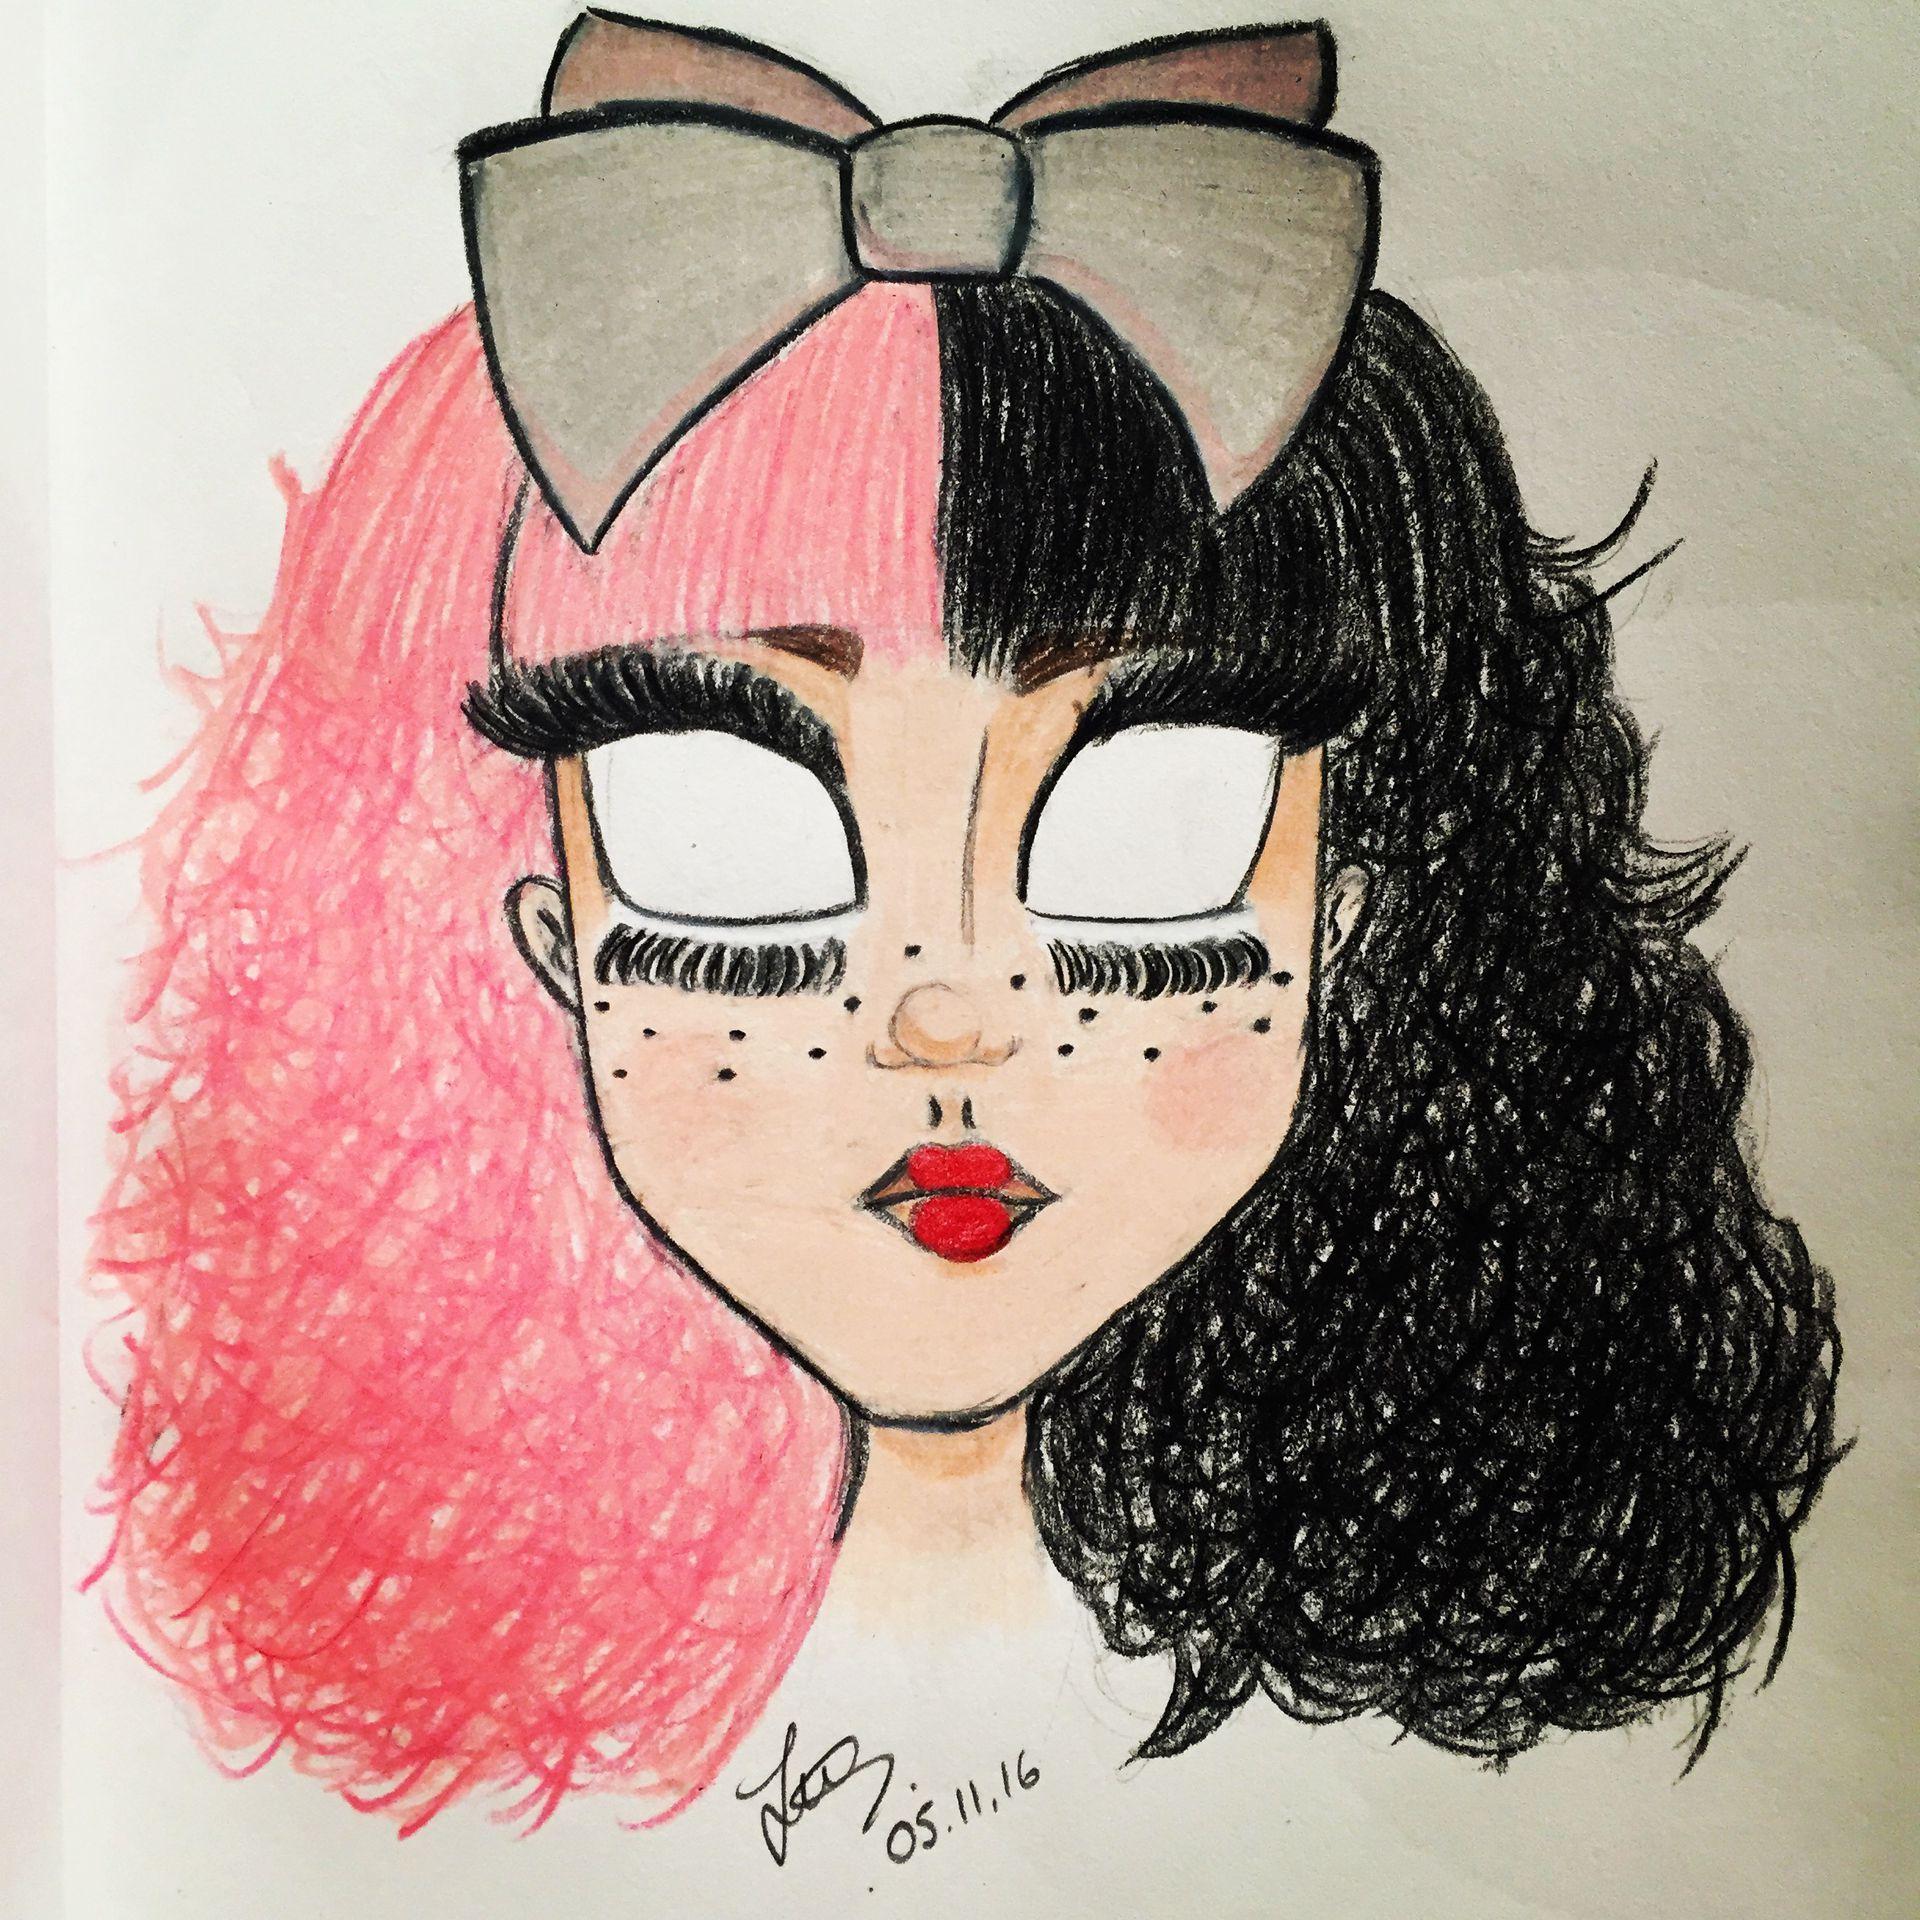 Vous avez des idées de ce que je pourrais dessiner? Je suis hyper motivée là !